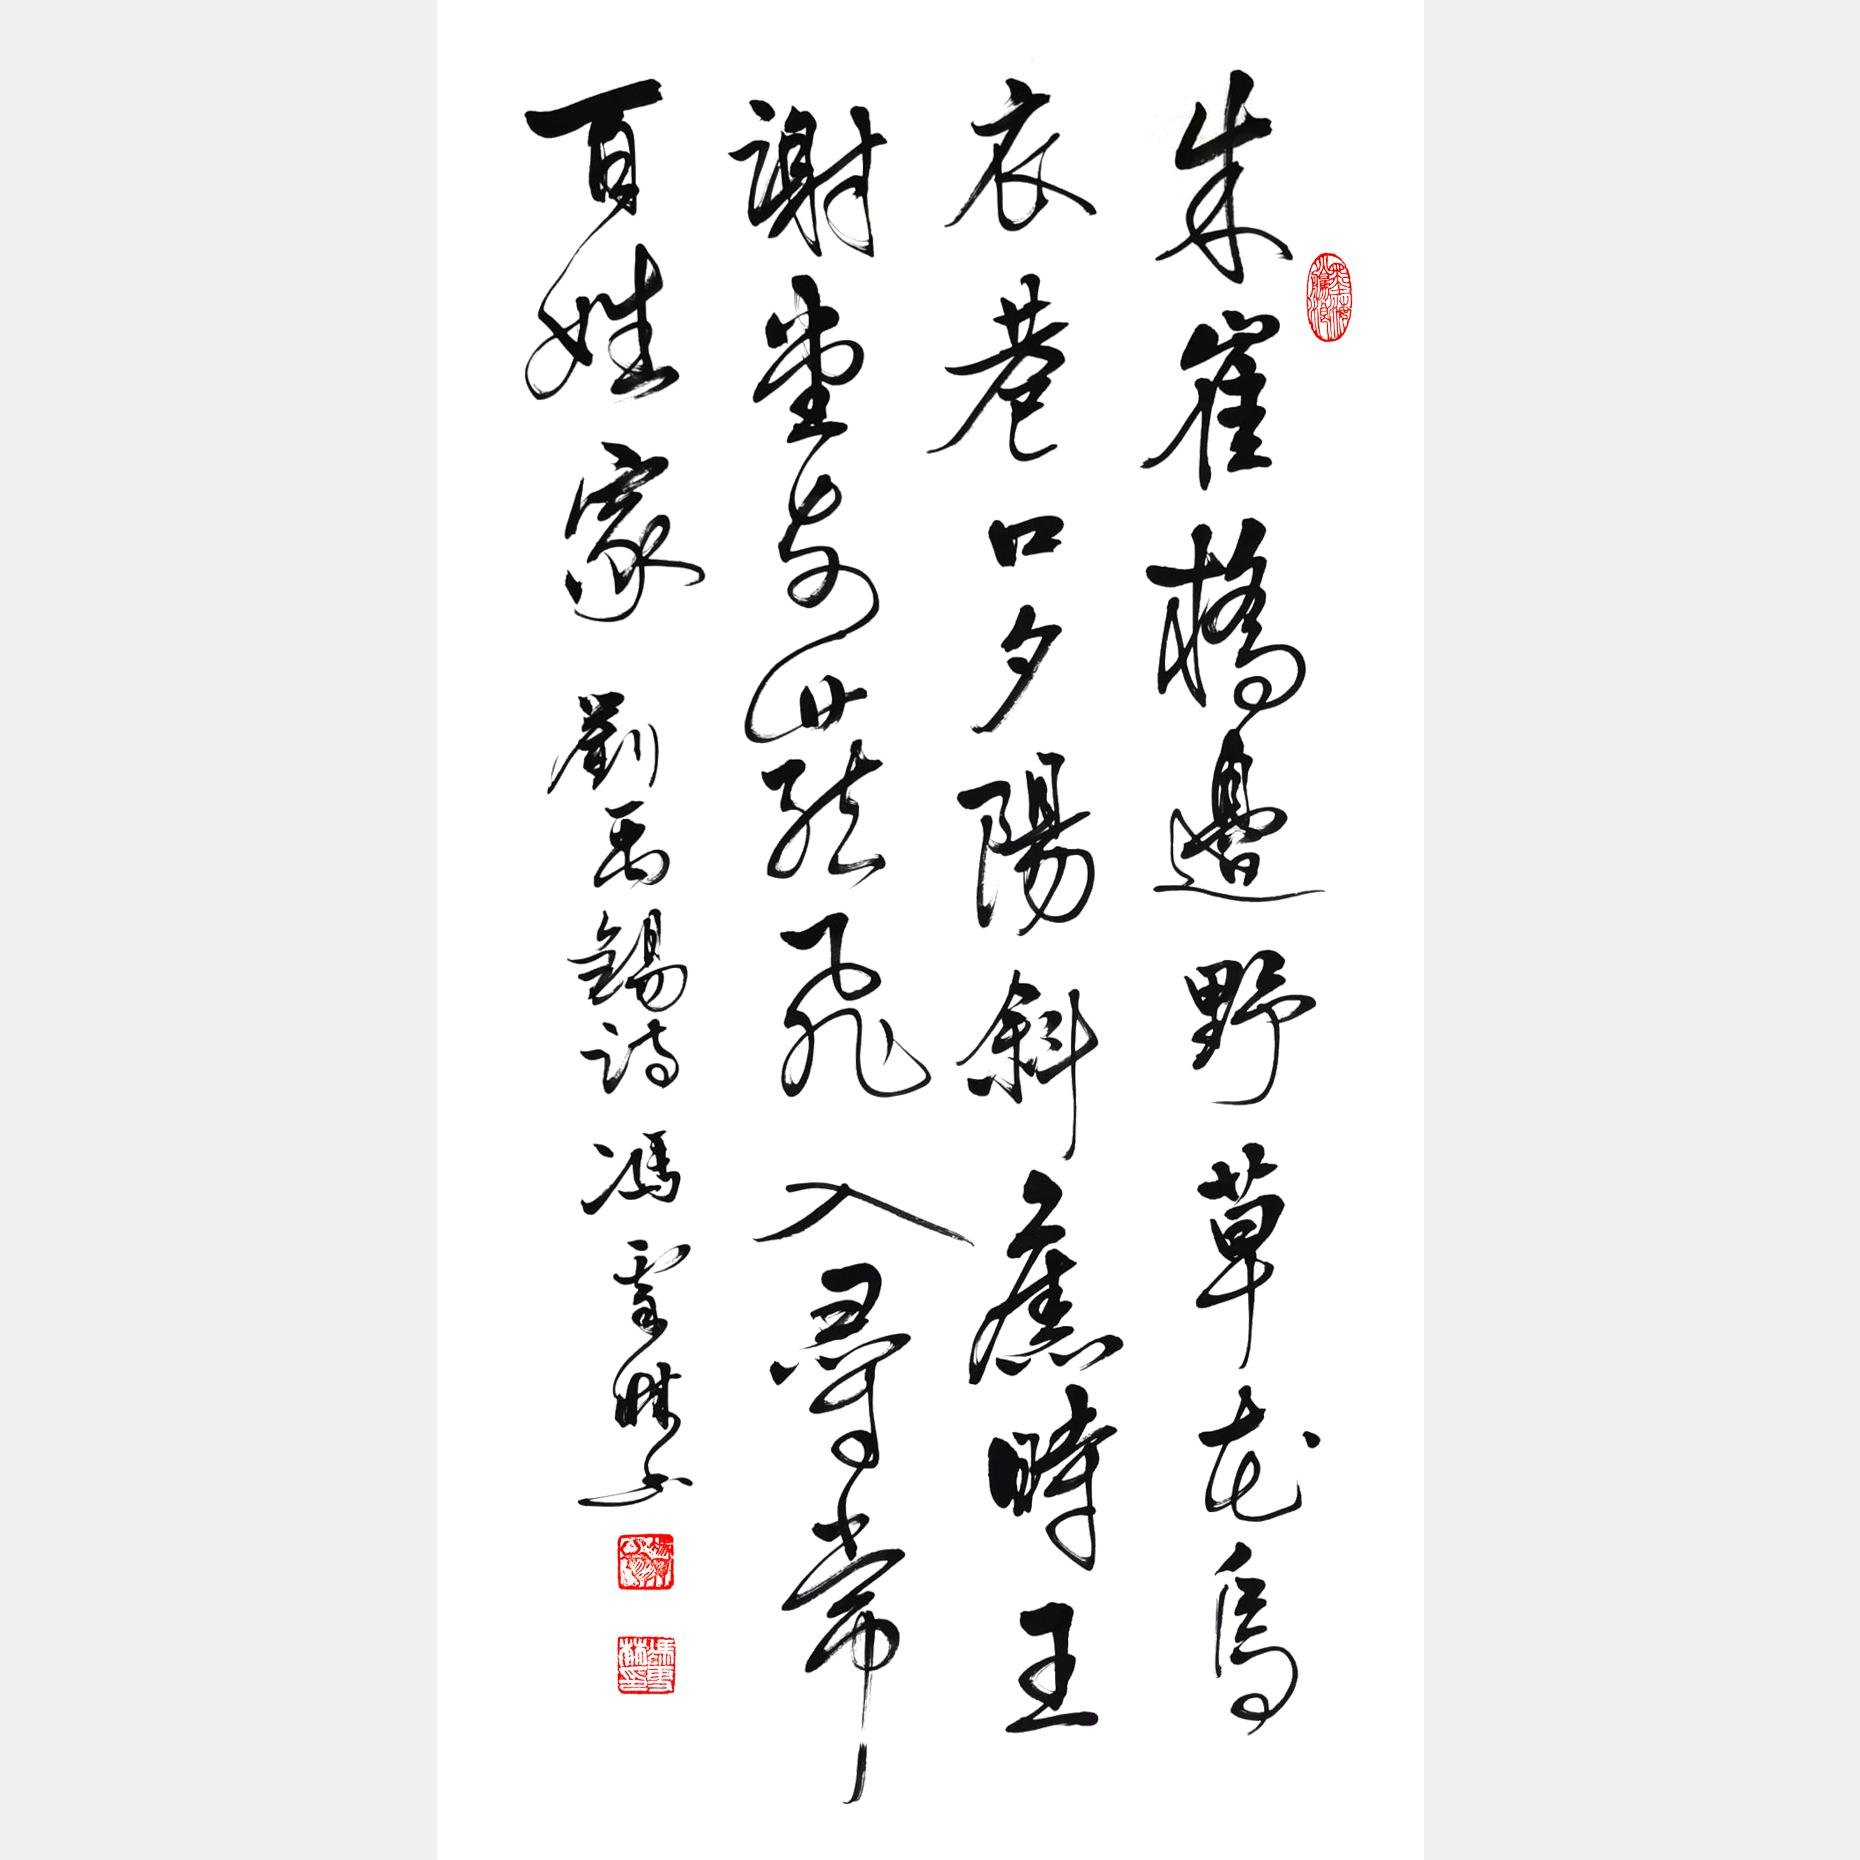 图片2:刘禹锡乌衣巷书法作品欣赏 乌衣巷行书作品